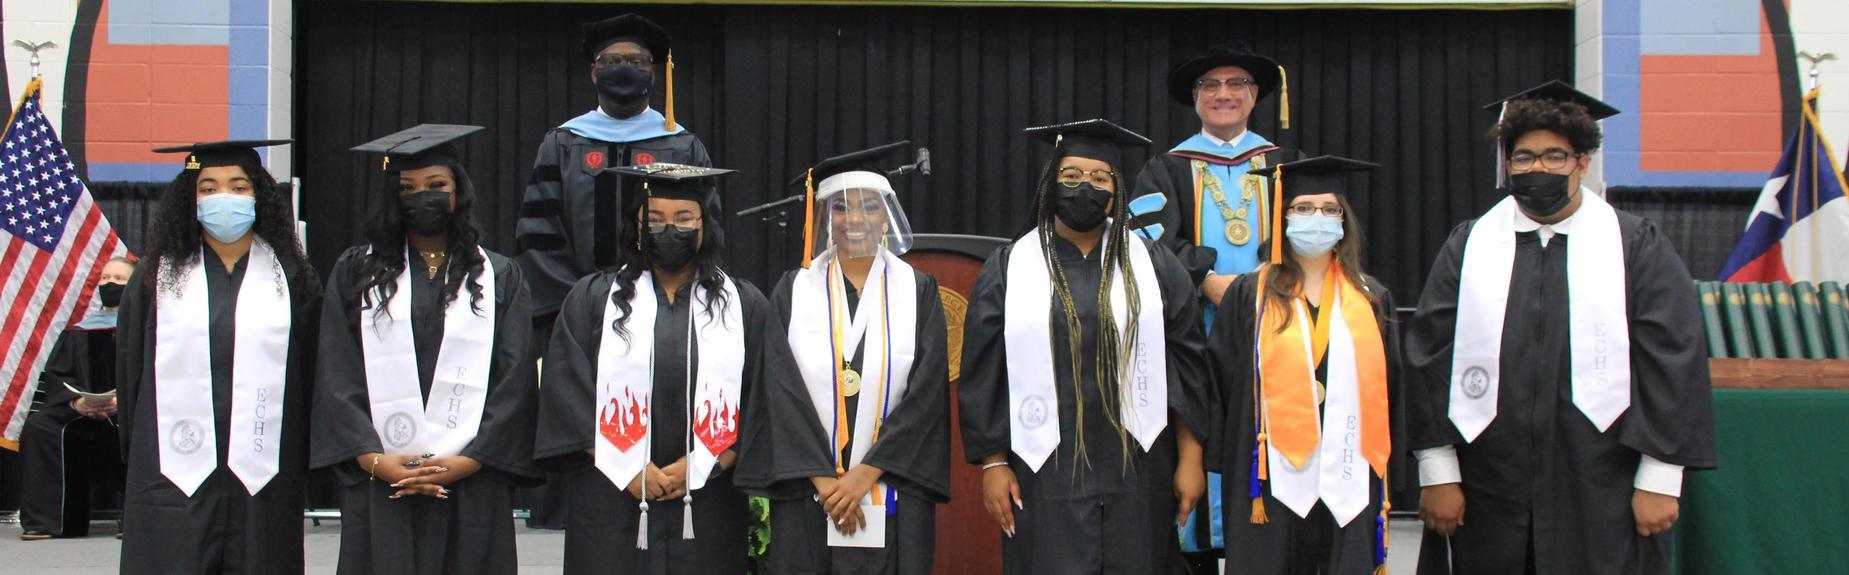 ECHS Cohort 2021 LSCO Graduates